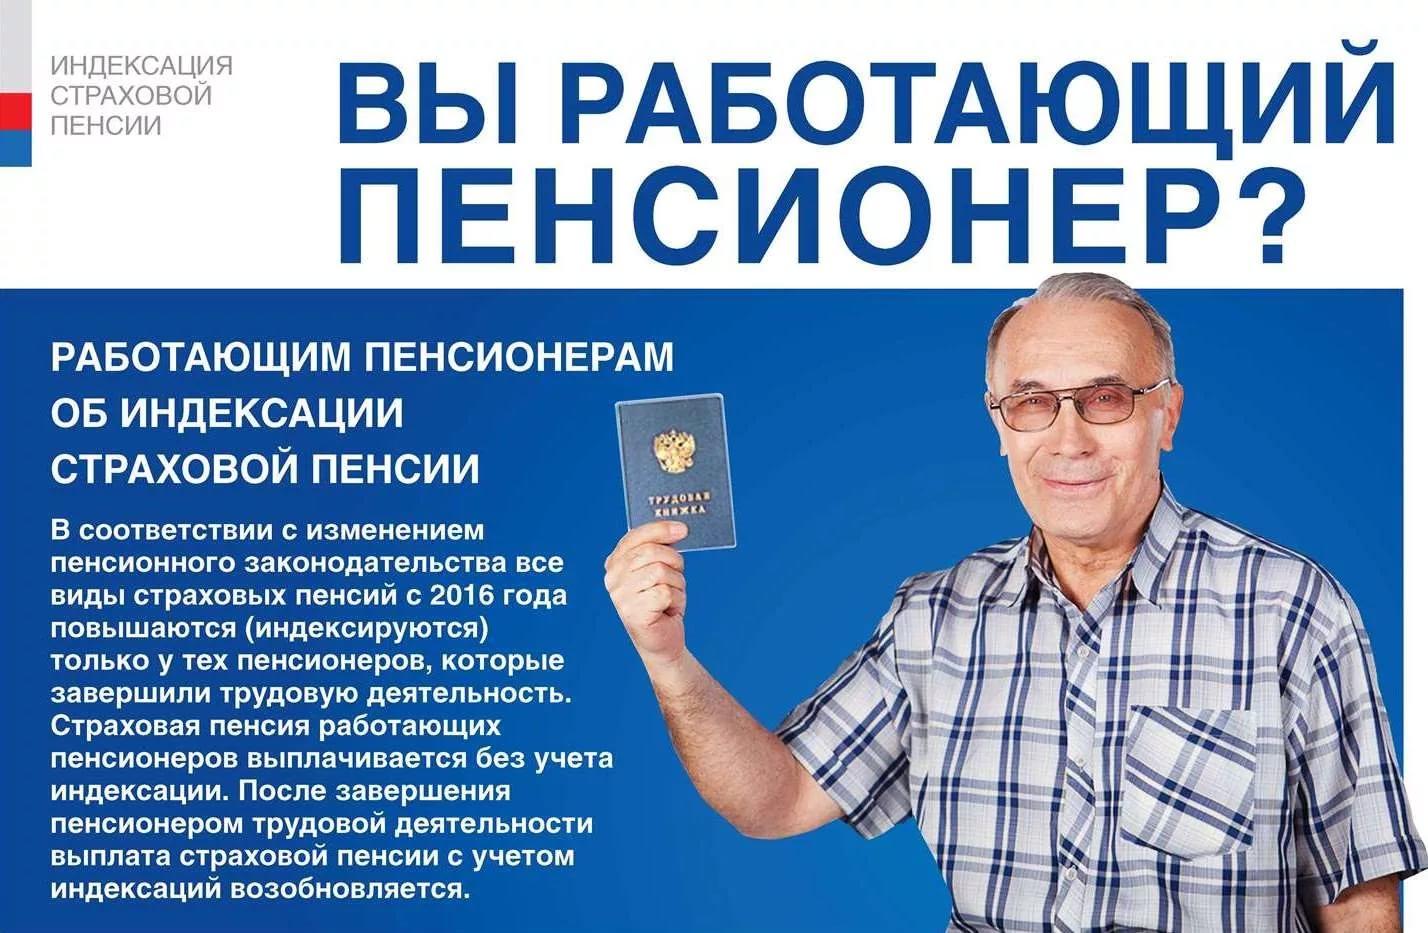 зачатия, родителей пенсионерам какого года будет повышаться пенсия Елена Темникова